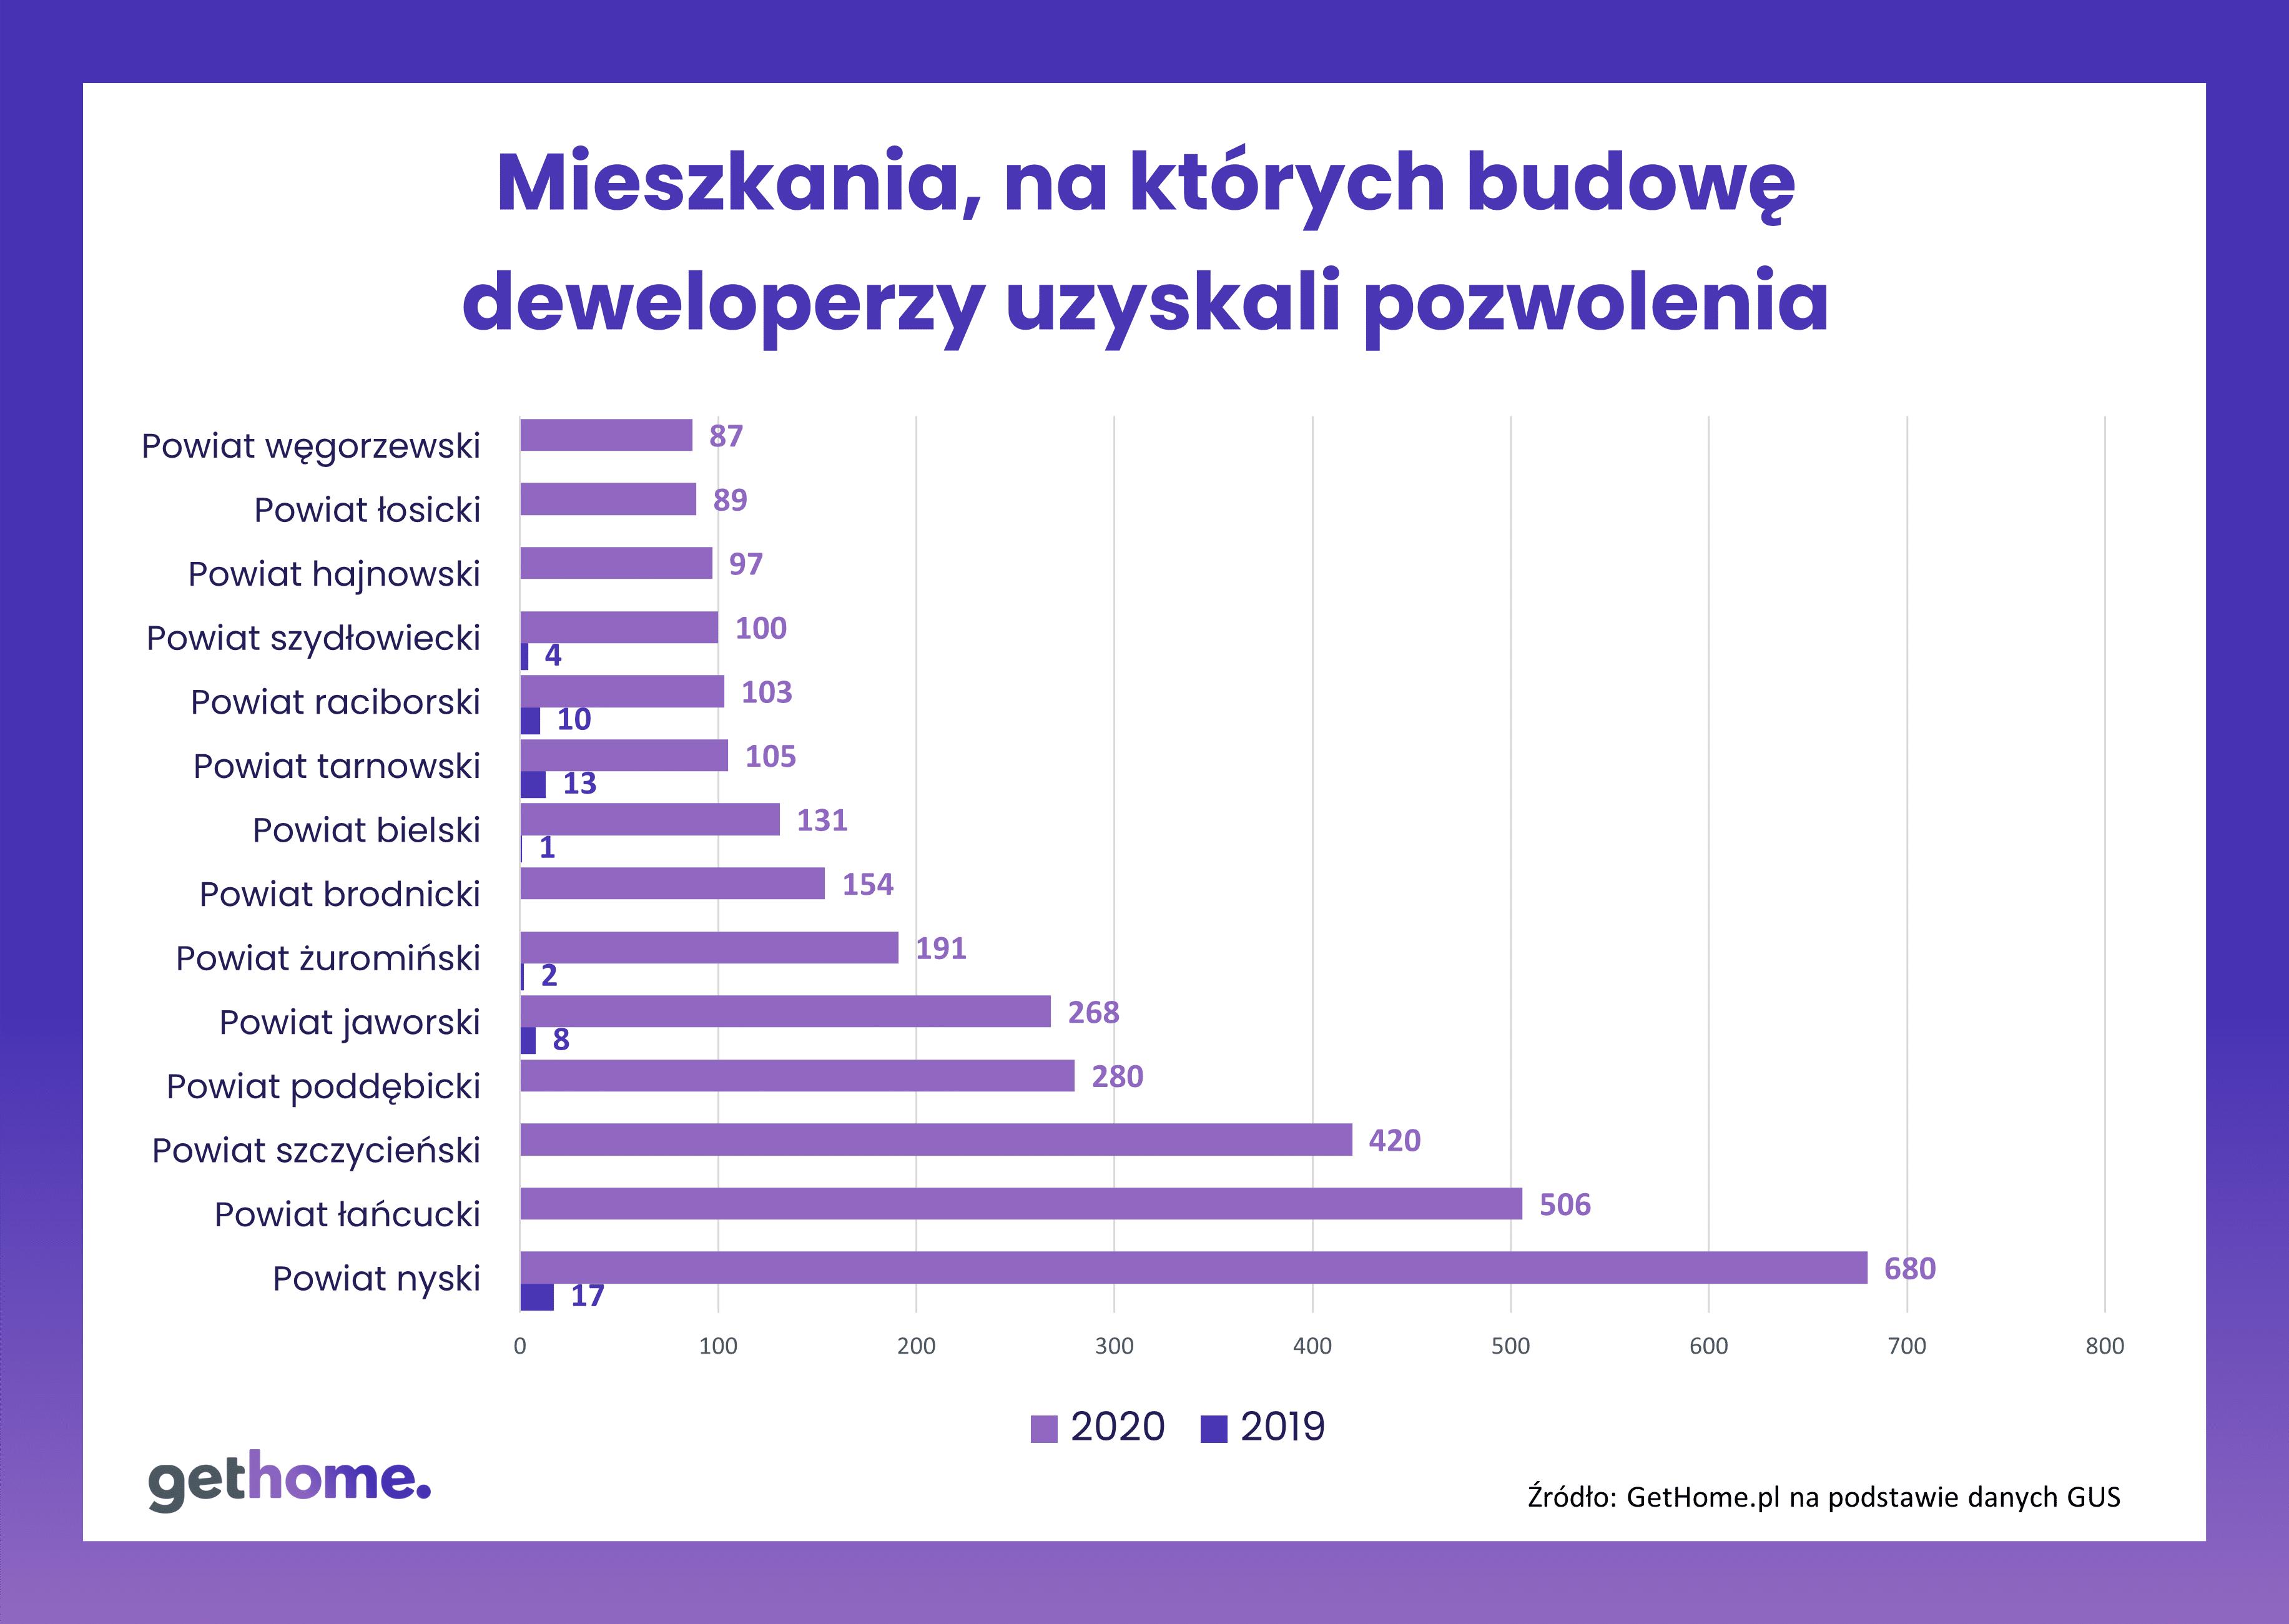 Pozwolenia-deweloperzy-powiaty1